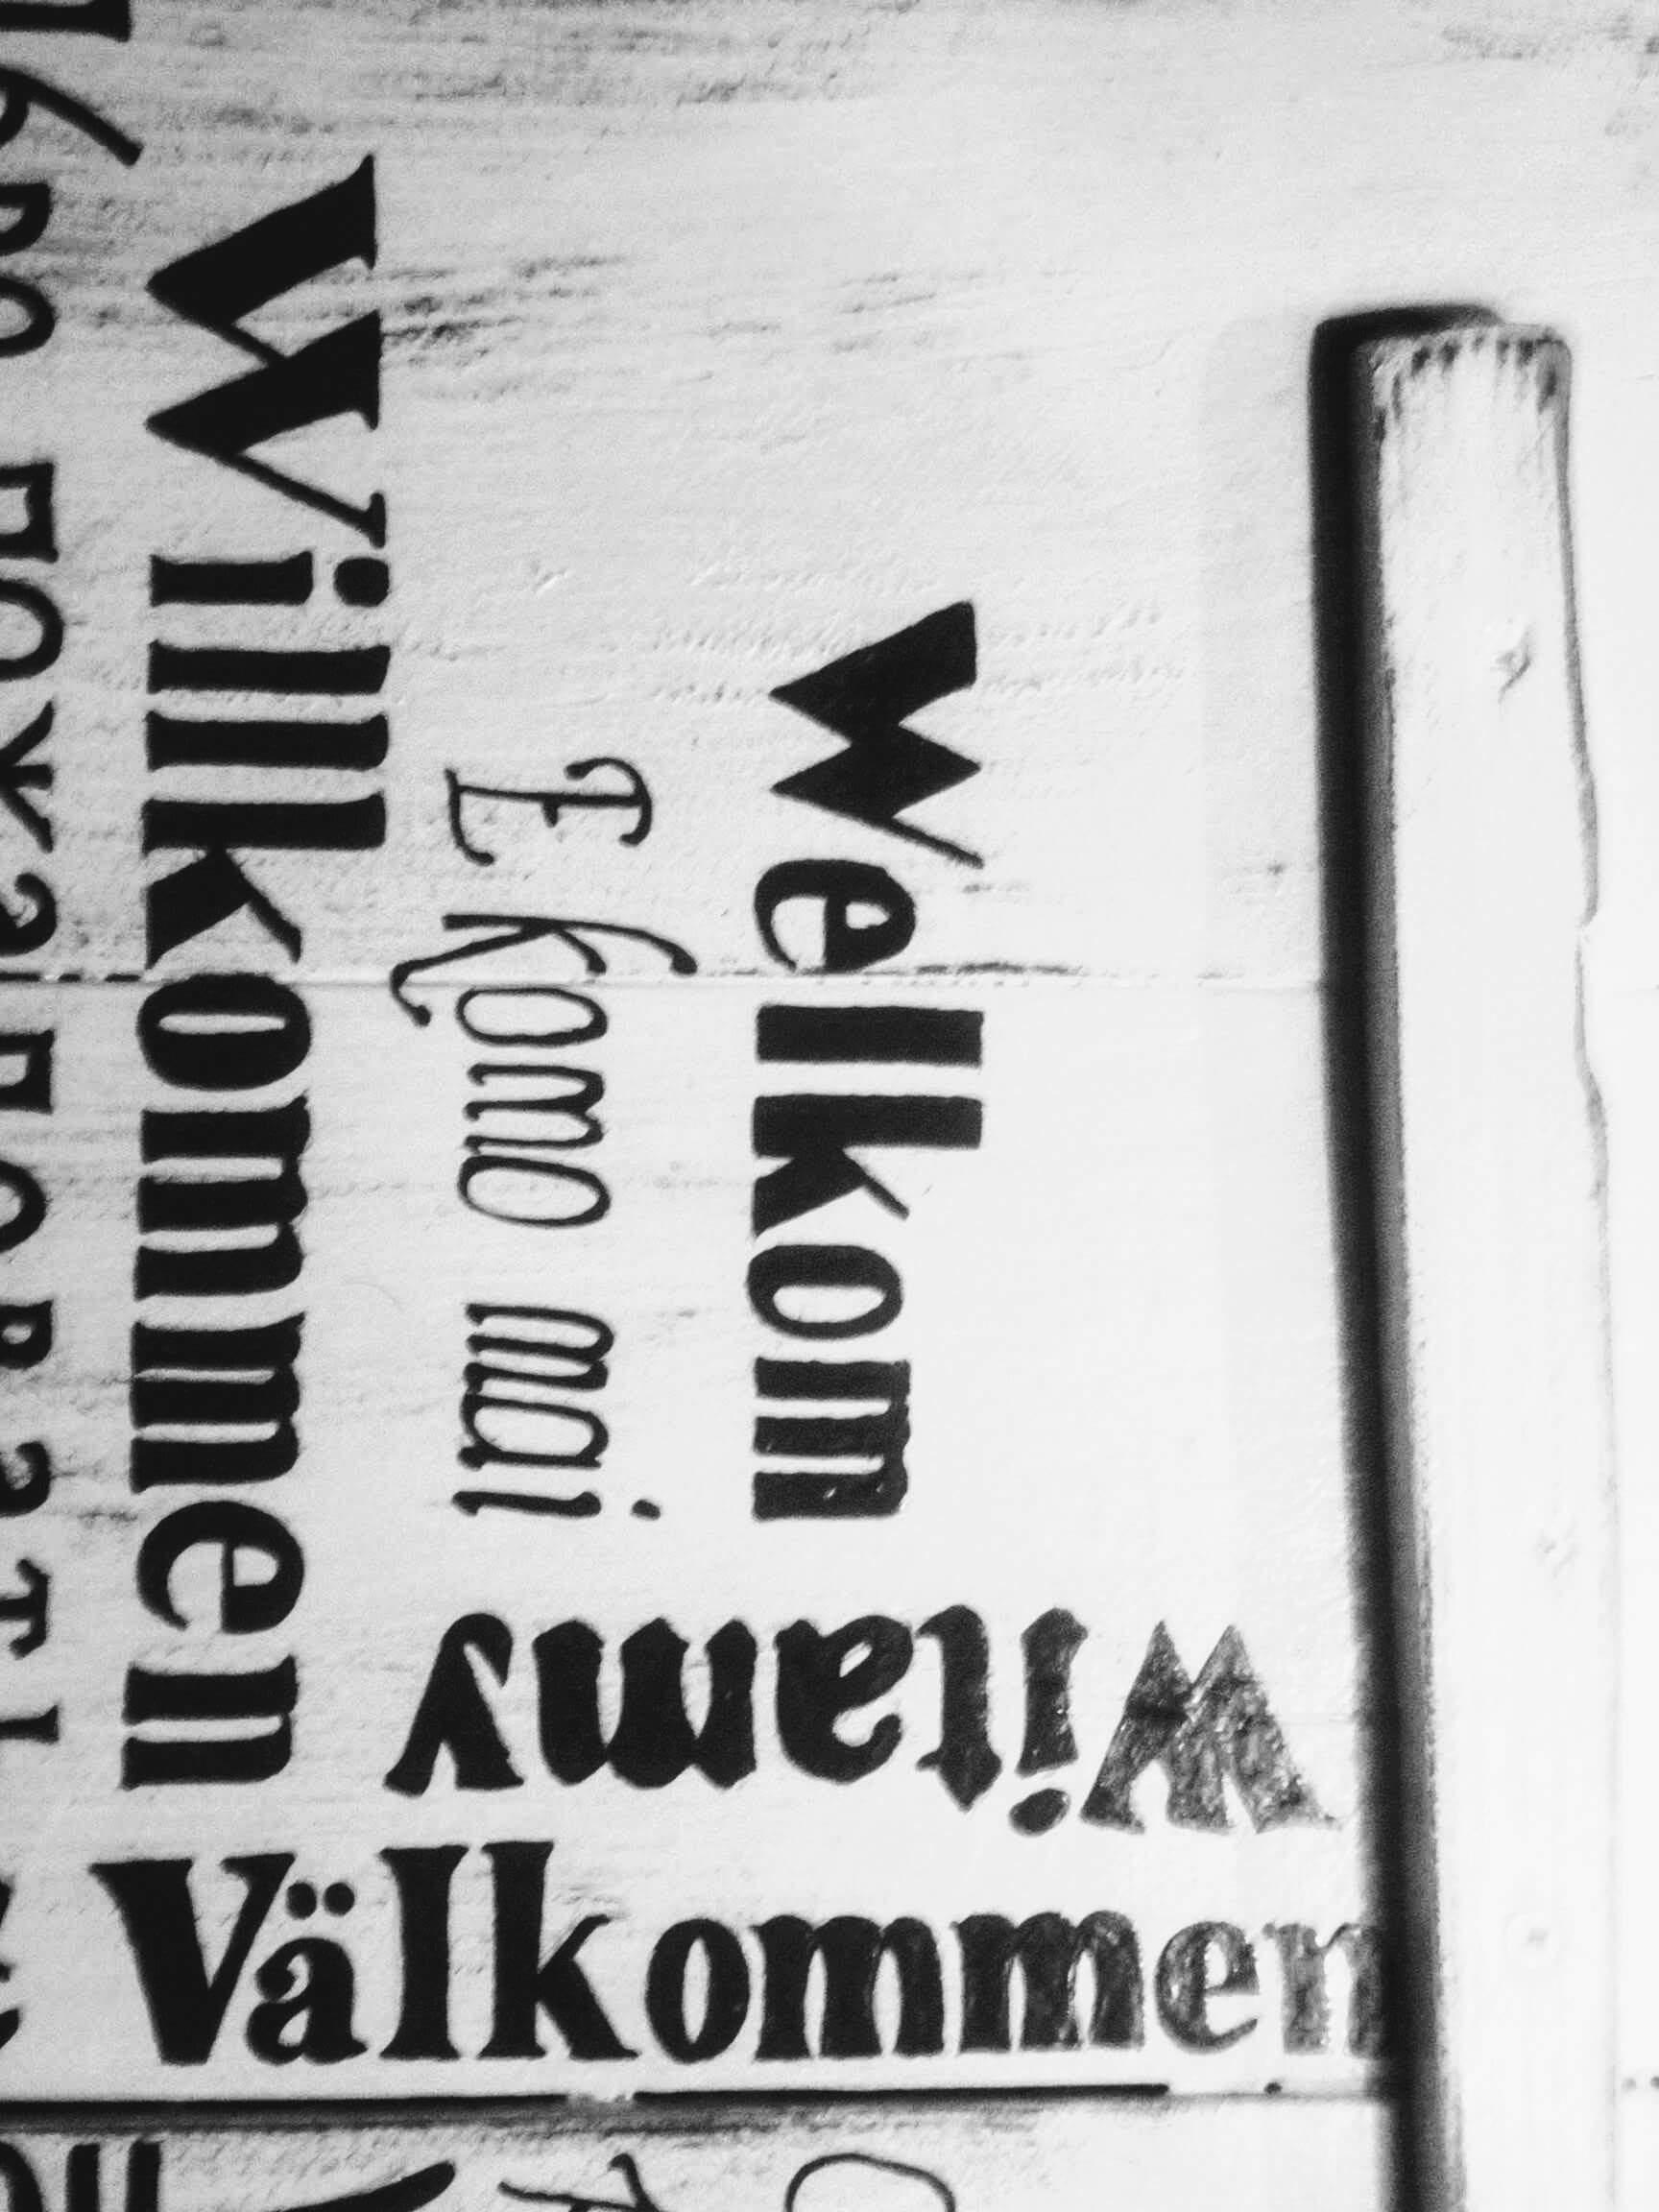 Deco-bord - Welkom gemaakt van pallethout